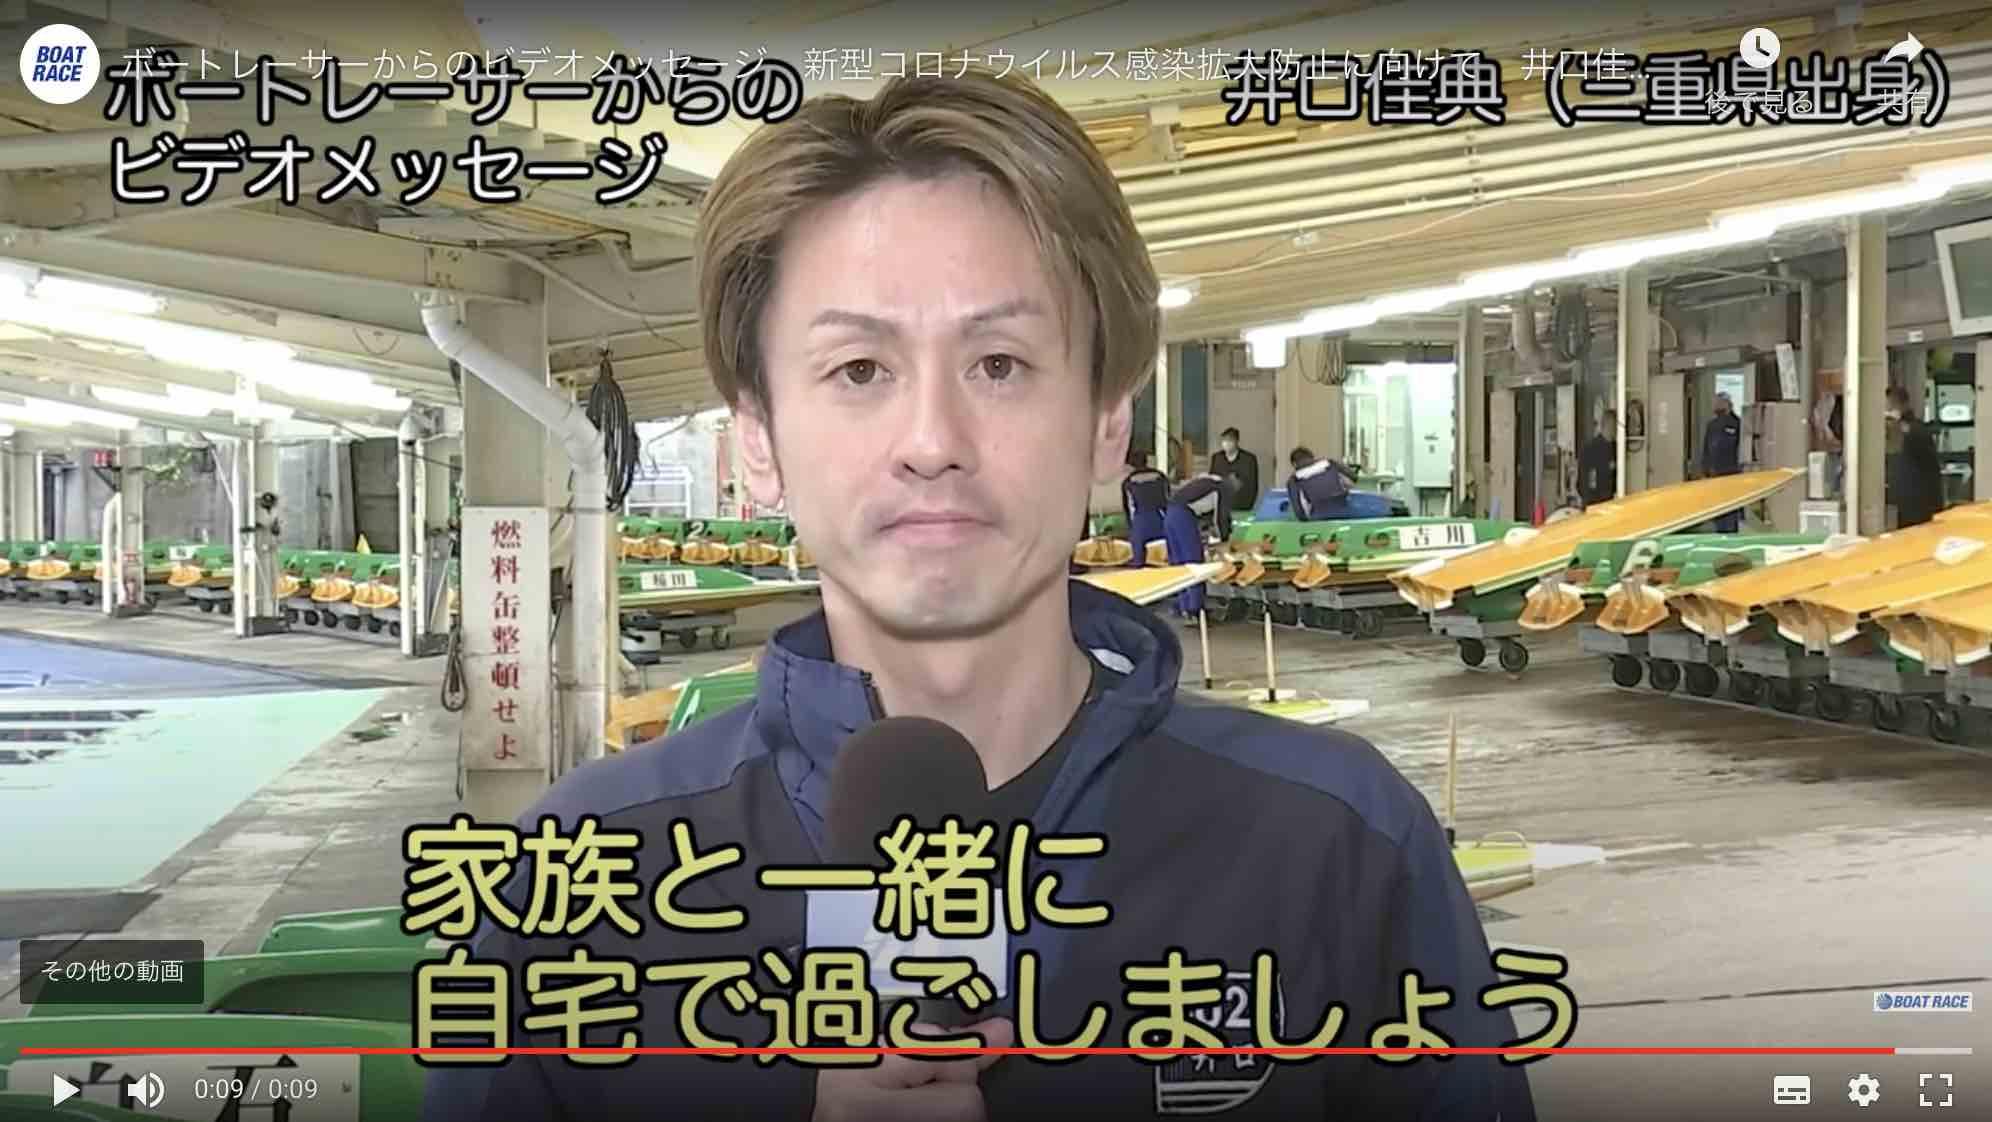 「井口佳典」のコロナ感染拡大防止メッセージ